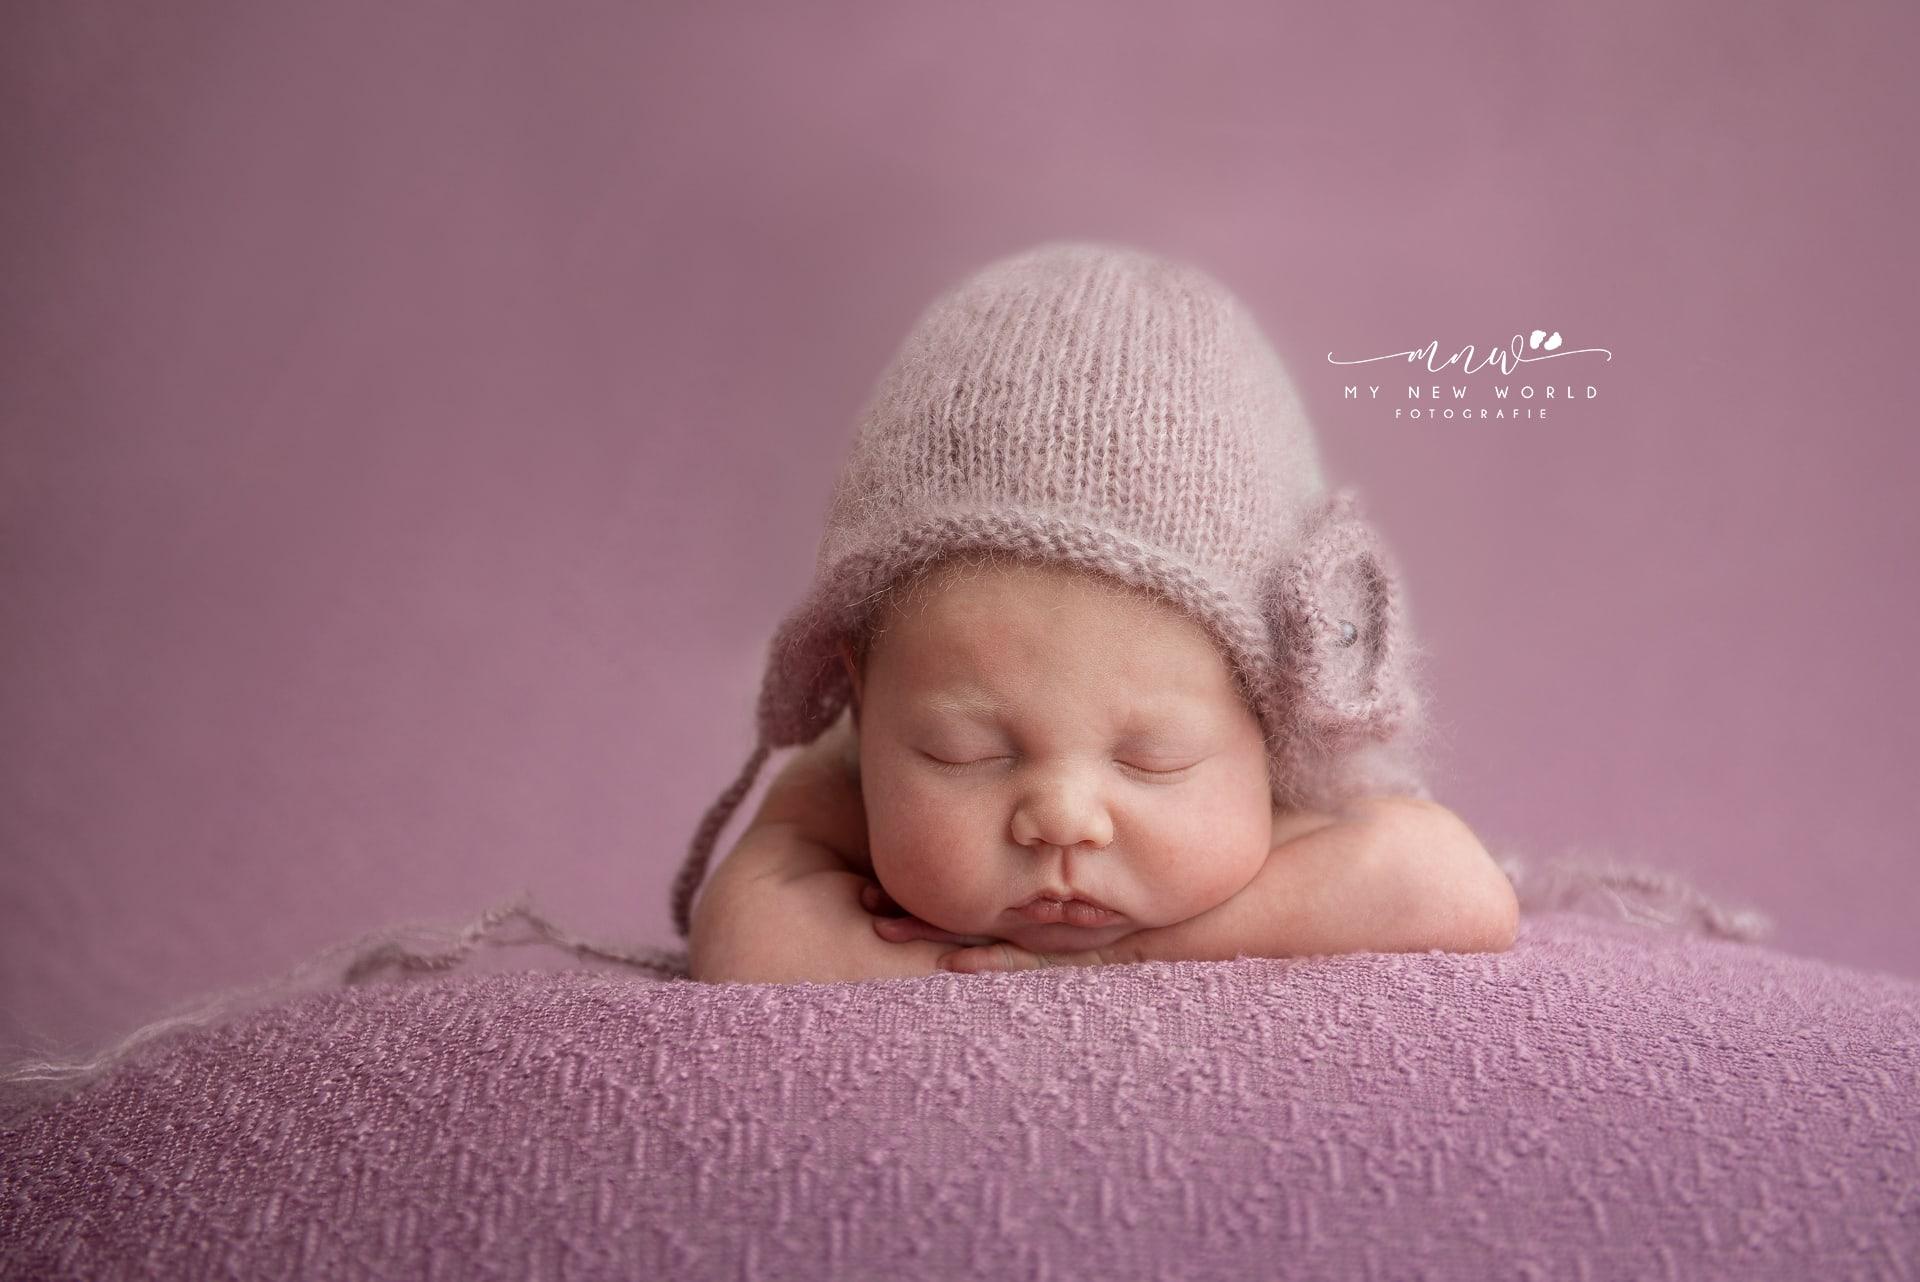 Newborn fotograaf Apeldoorn